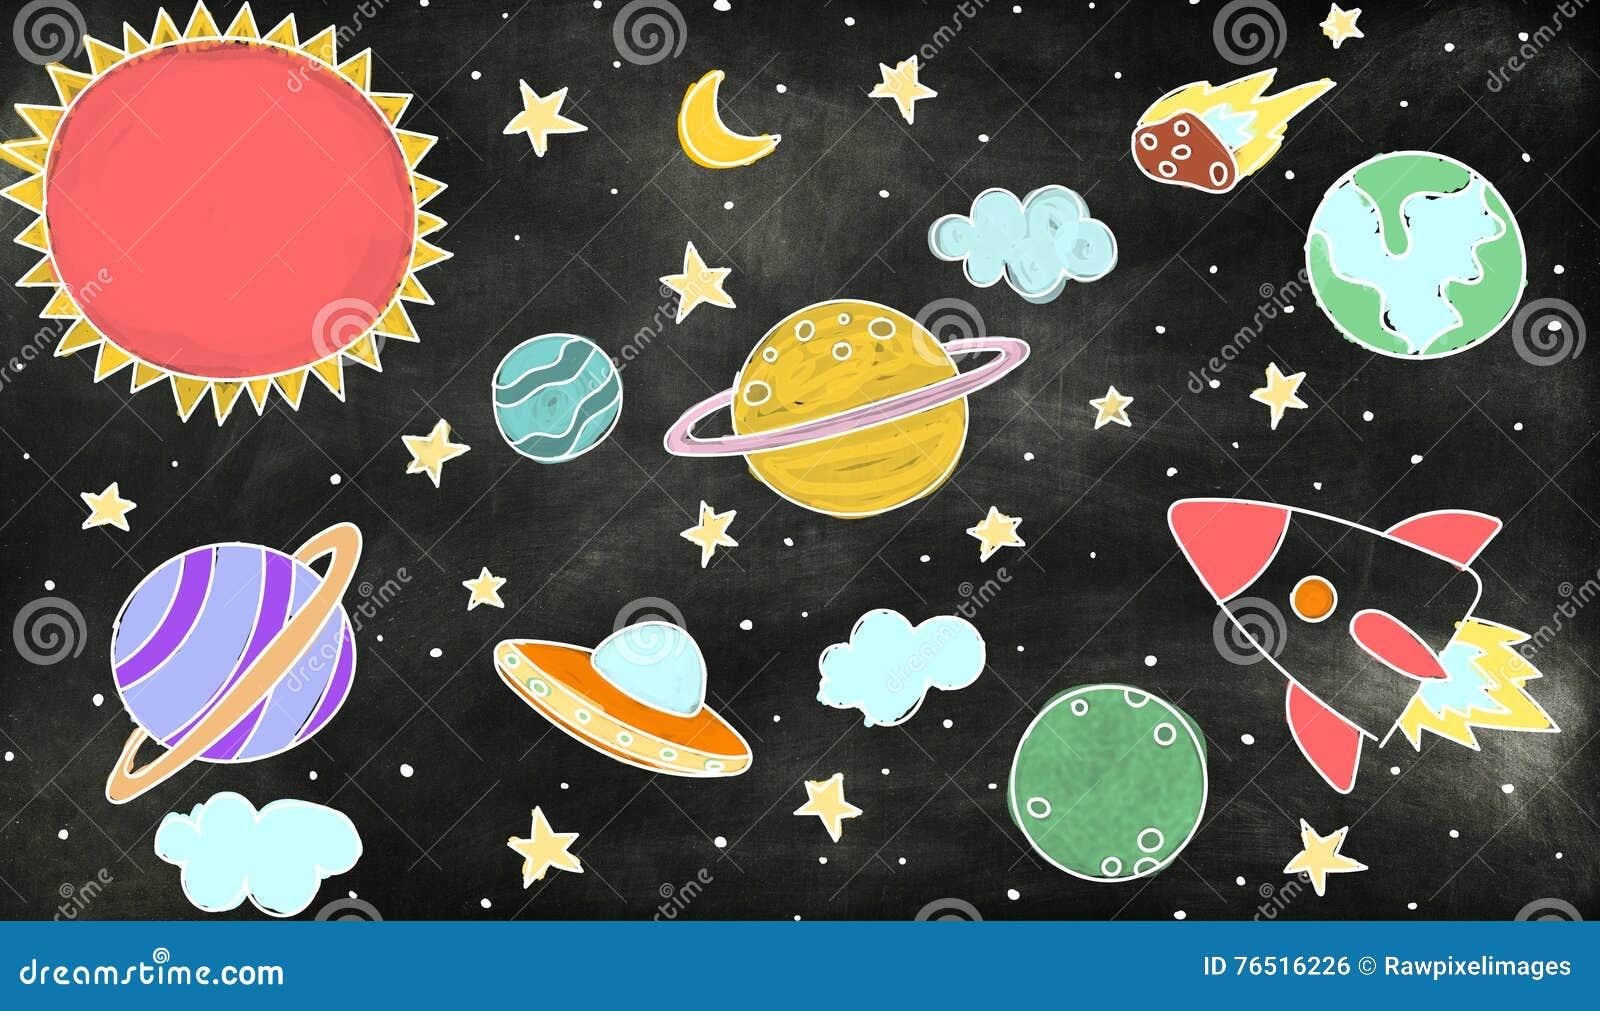 Iconos del espacio exterior que dibujan concepto de los gráficos